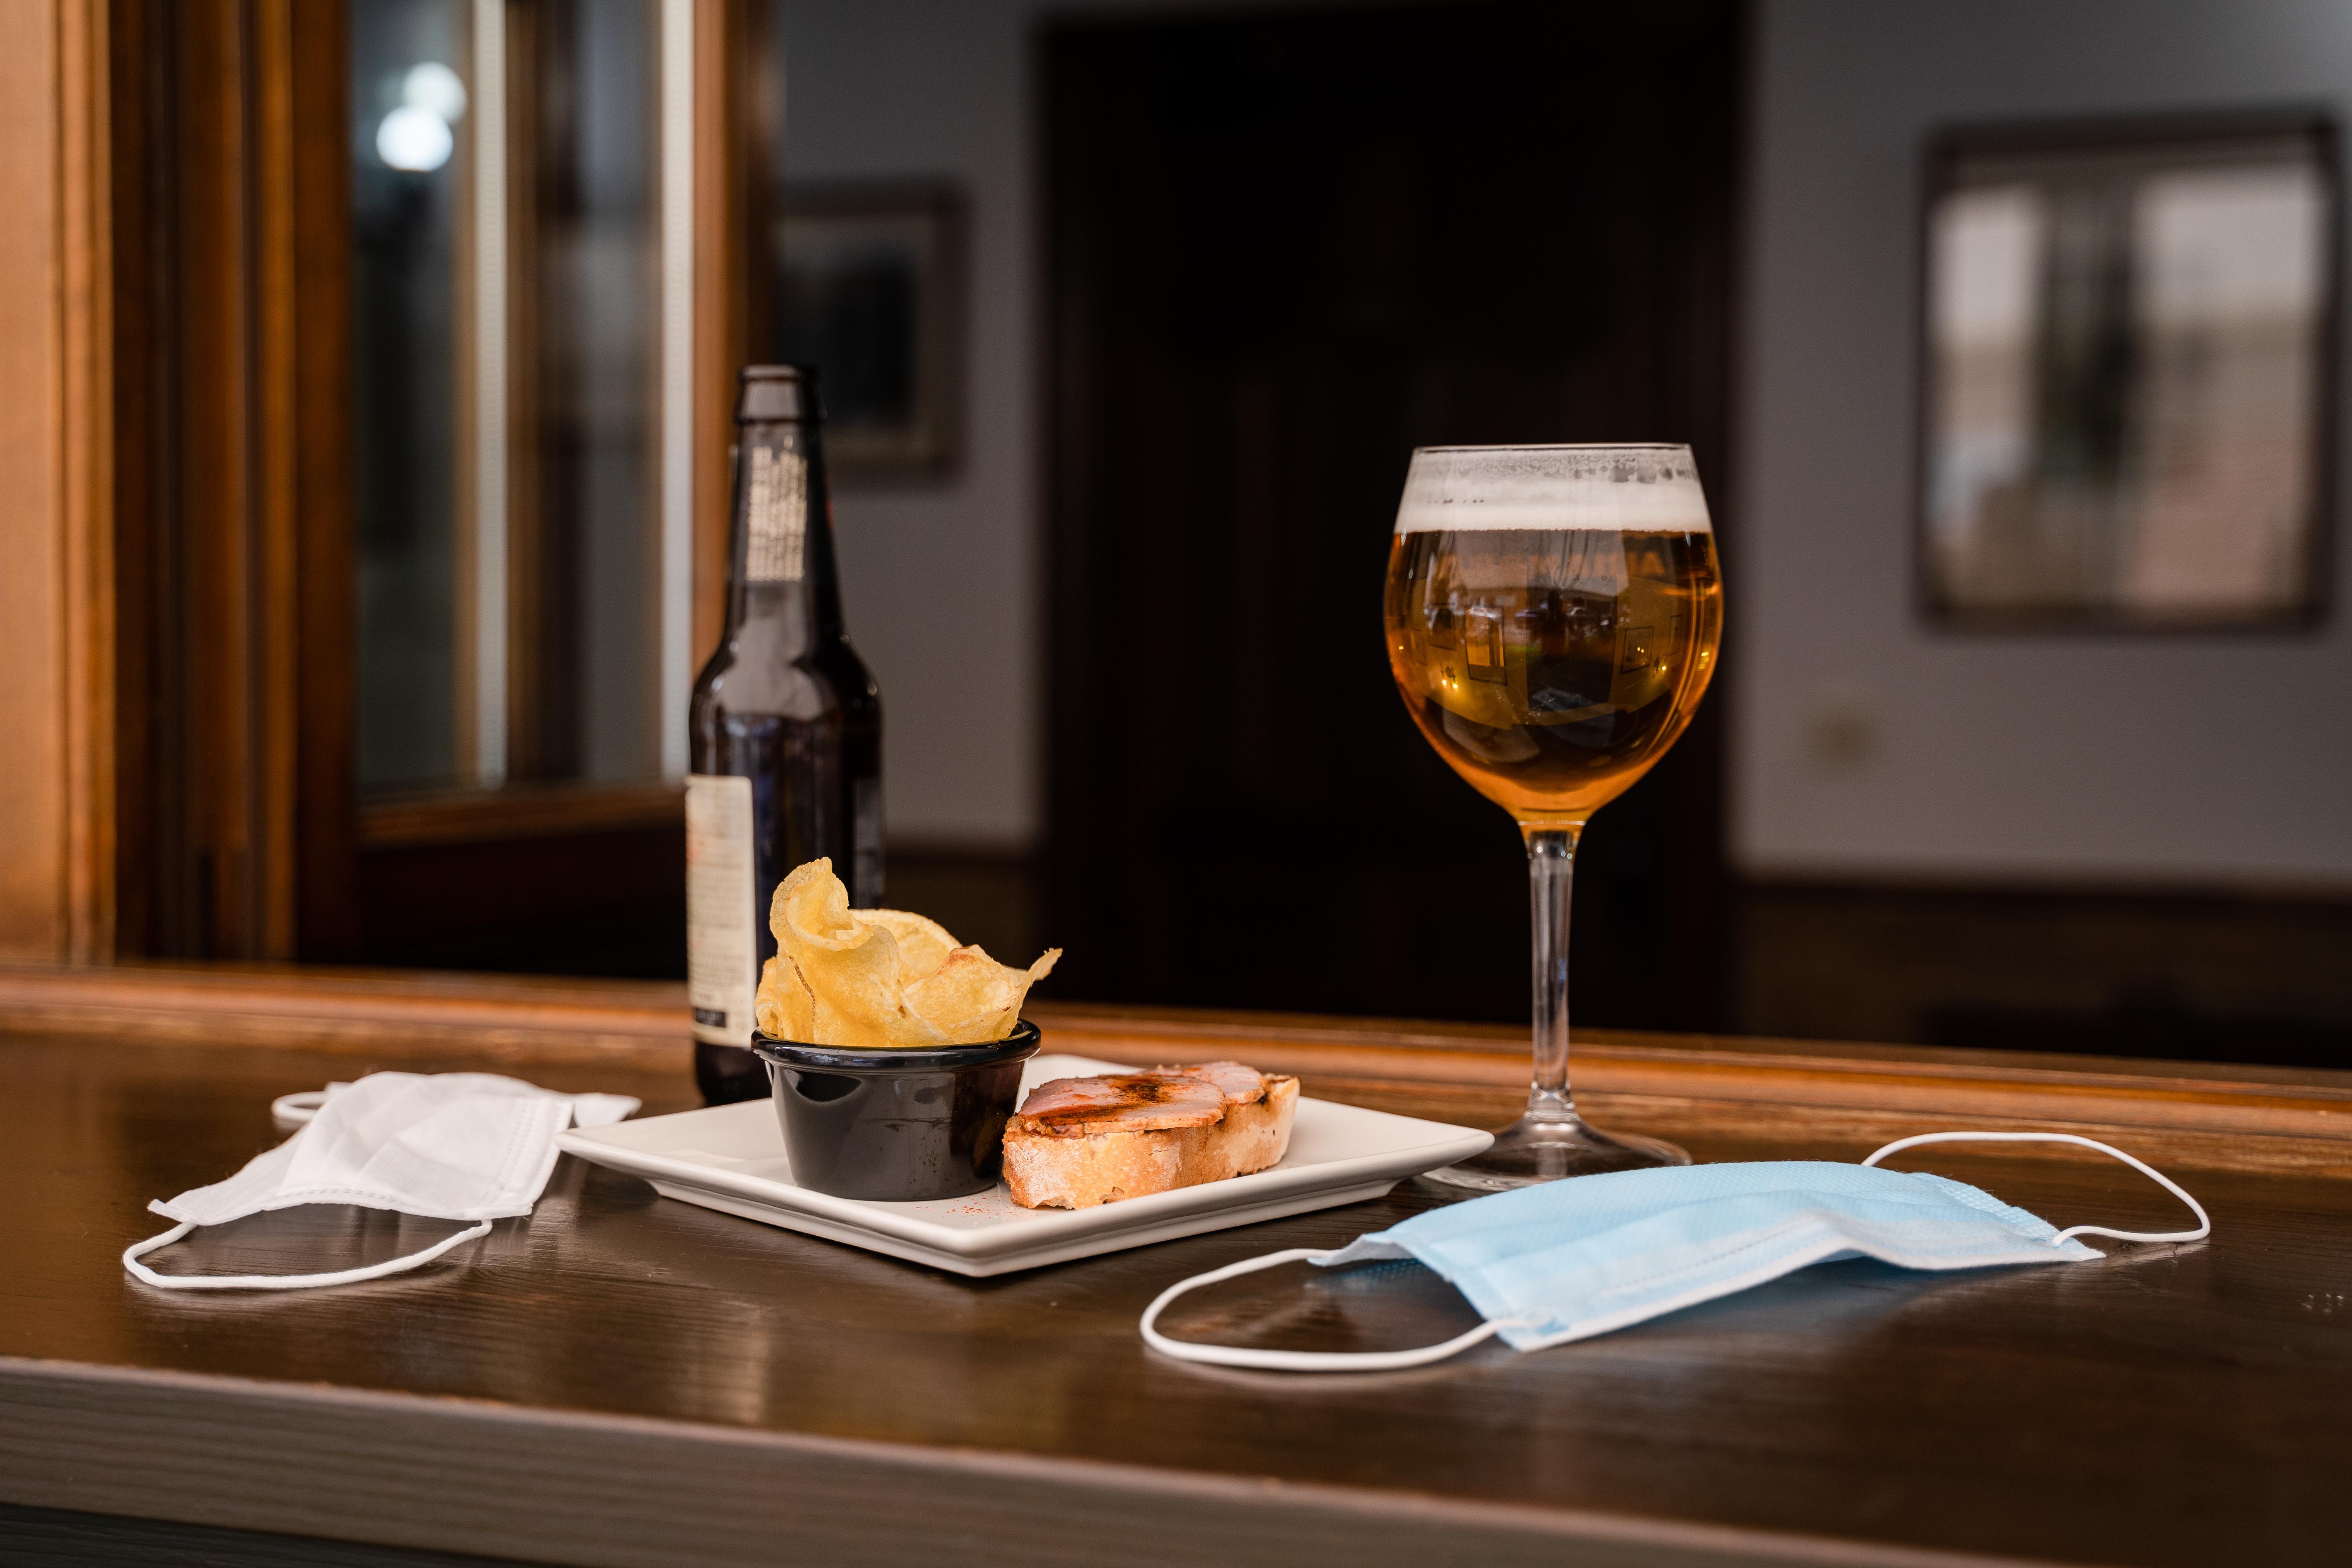 两个浅蓝色的布面具坐在吧台上,旁边是一盘薯条、烤面包、满满一杯啤酒和一瓶啤酒